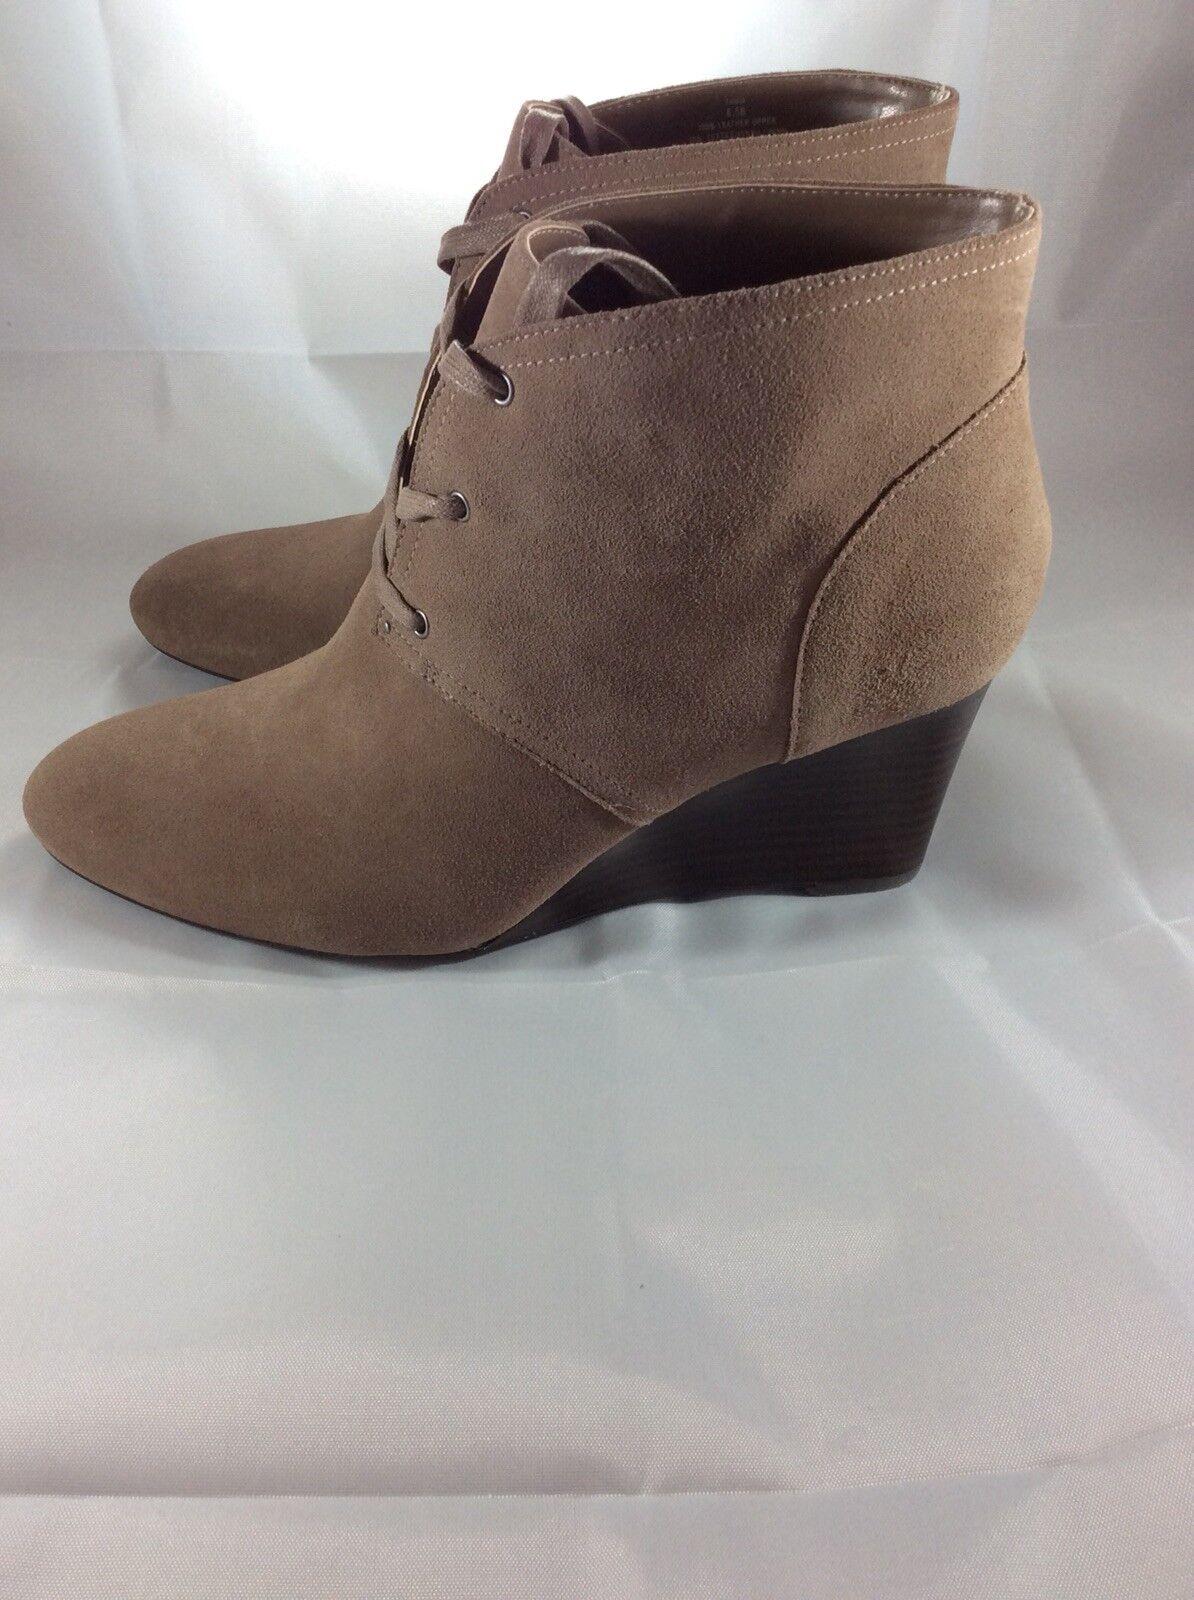 Lauren Ralph Lauren Women's Tamia-Bo-Cwd Boot Porcini Size 8.5B - New